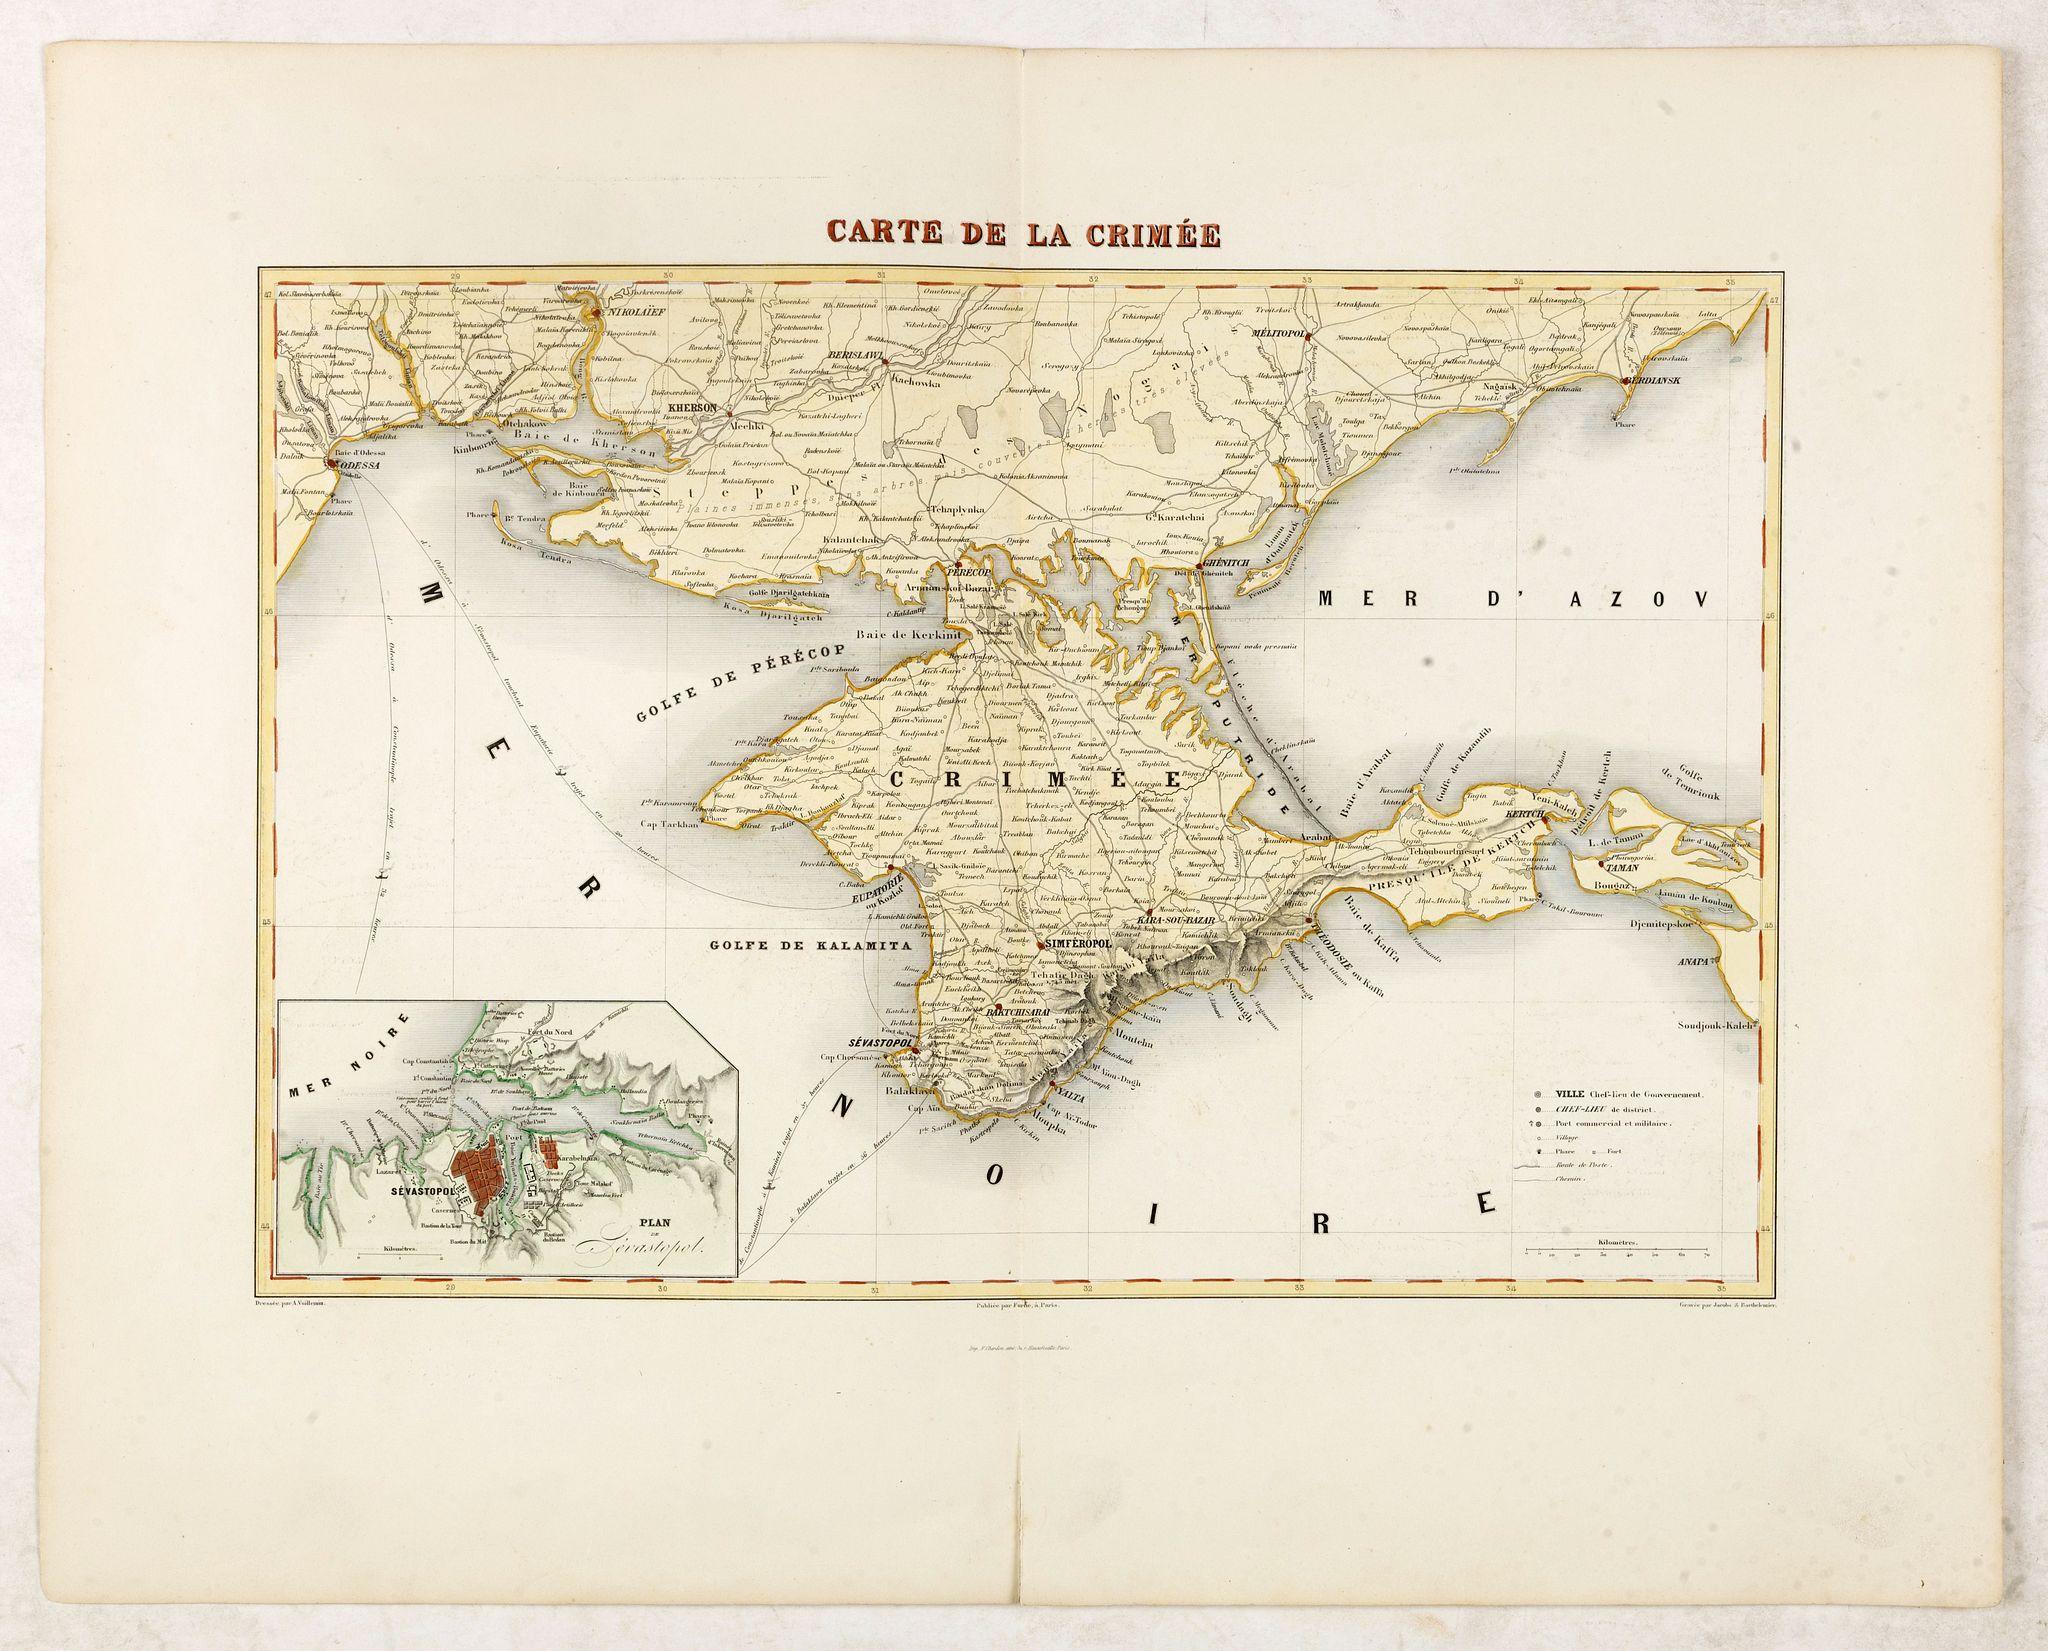 VUILLEMIN, A. -  Carte de la Crimée / dressée par A. Vuillemin.